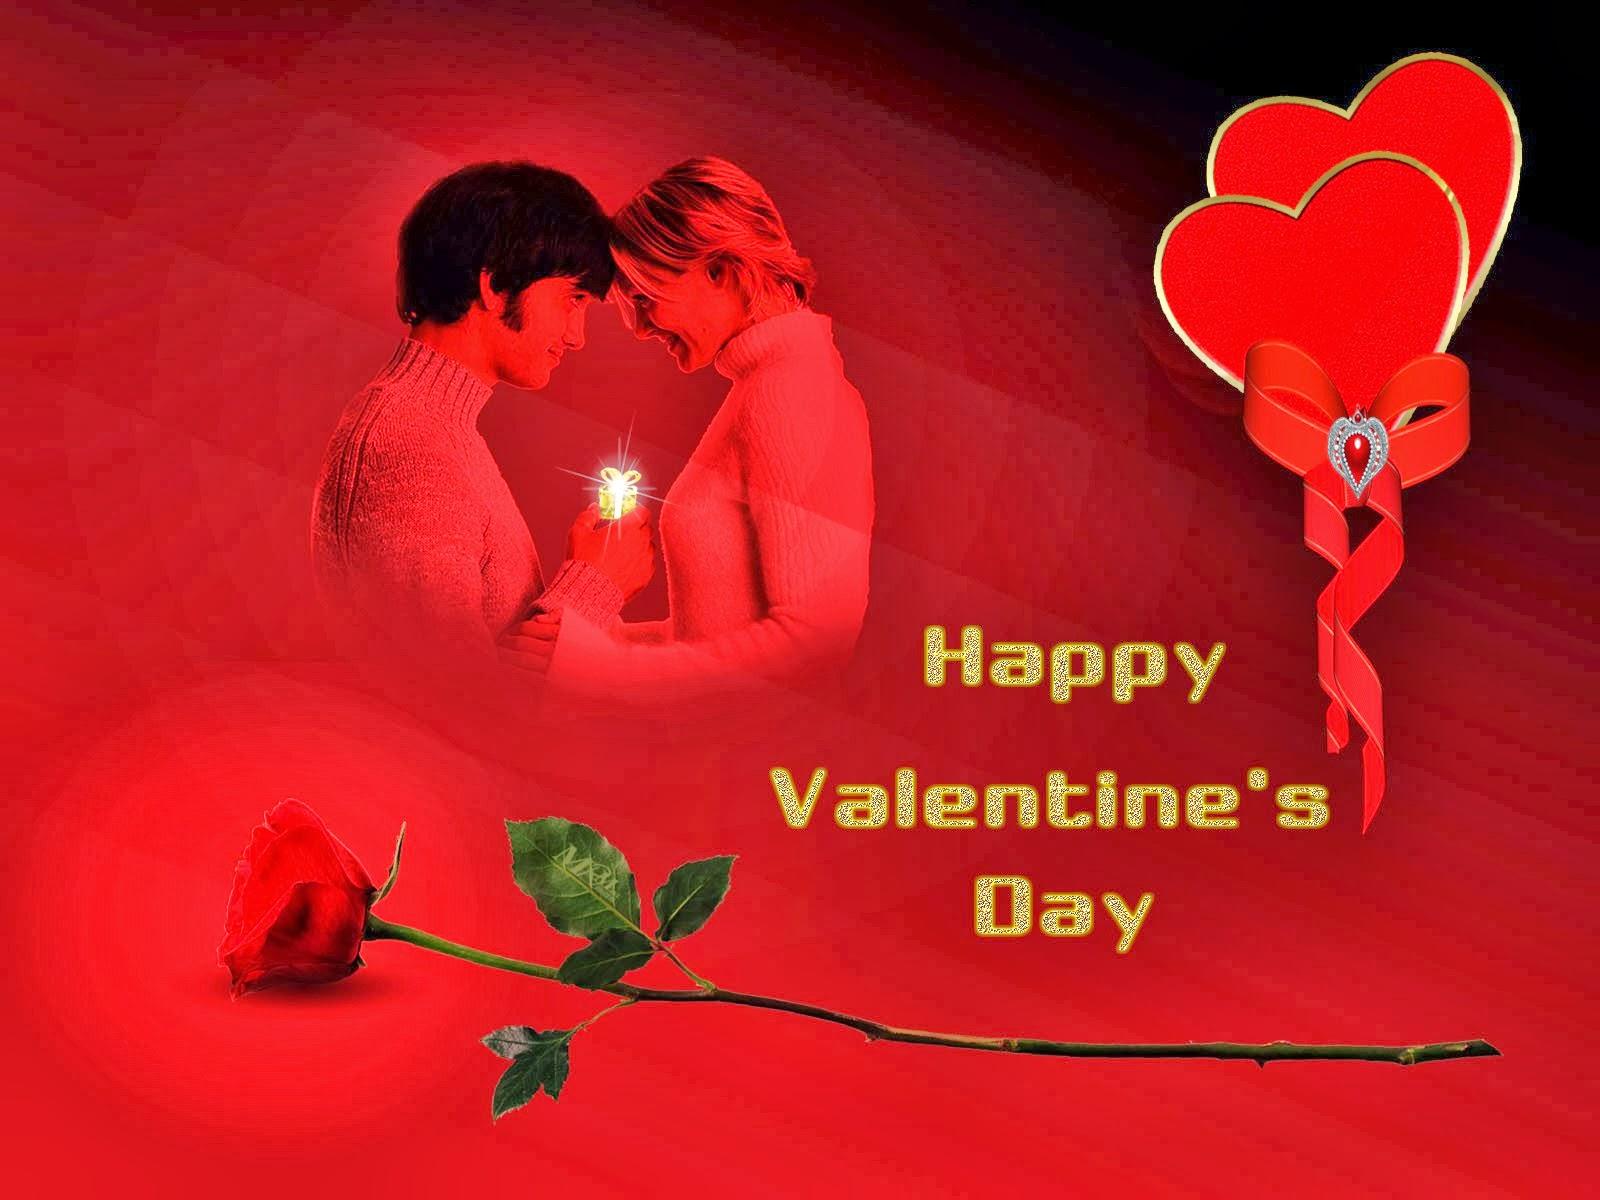 Valentines Day Valentine Day Wallpaper Free Download